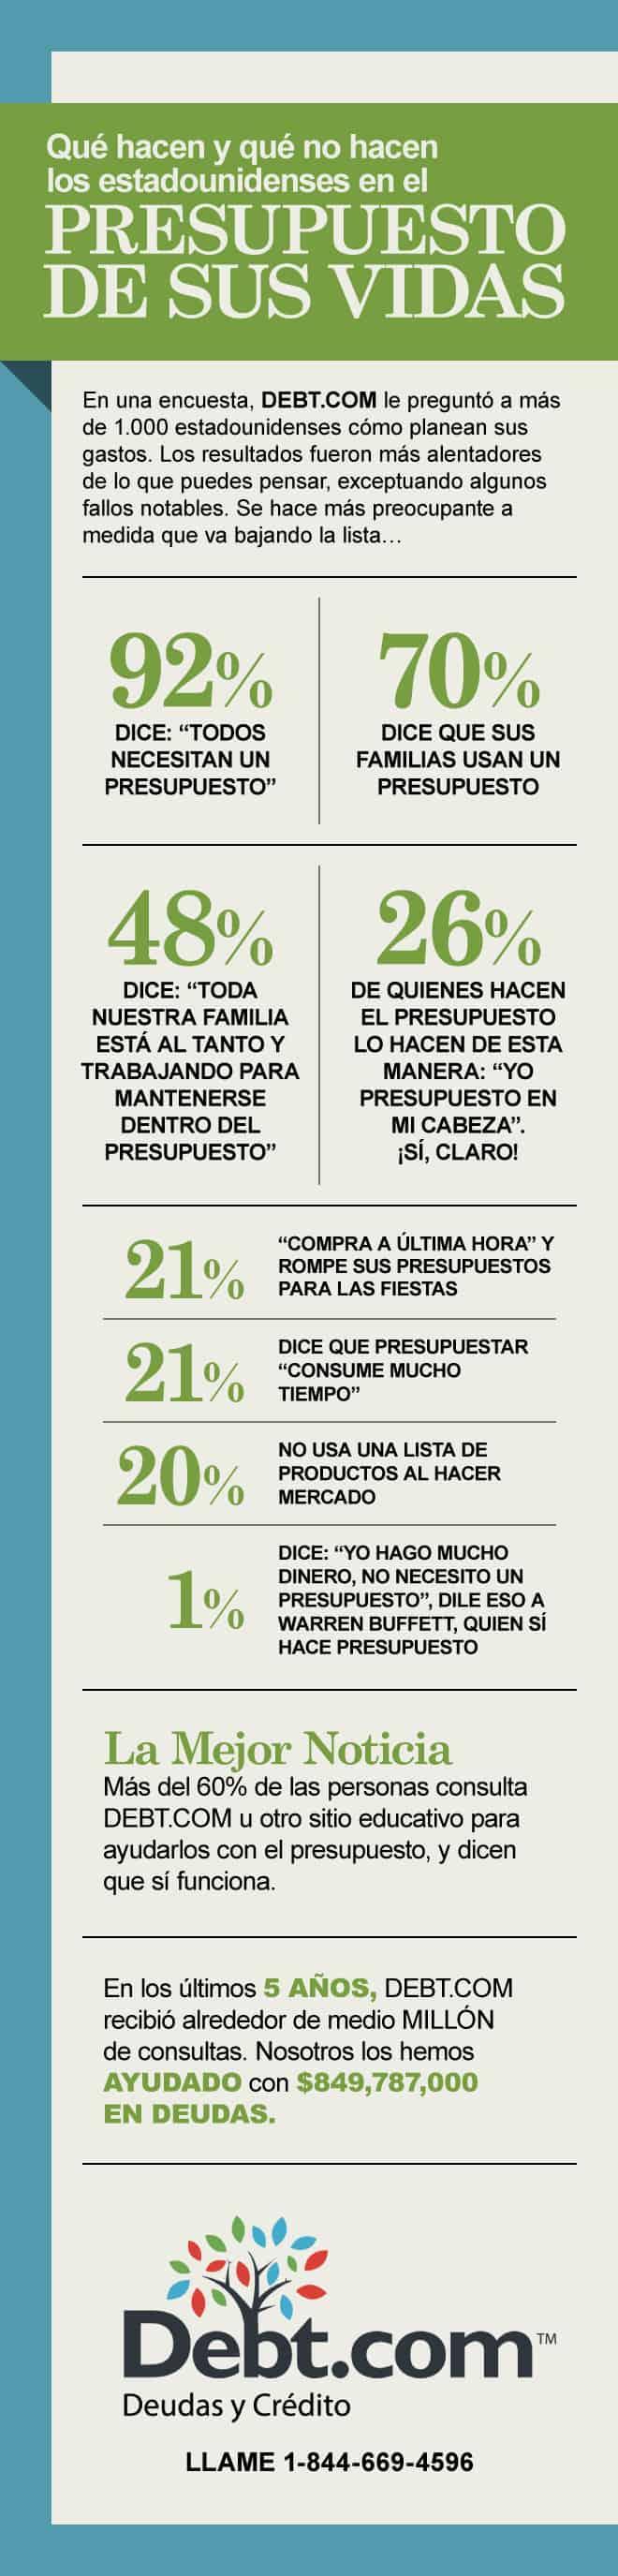 infografía con respuestas de la encuesta